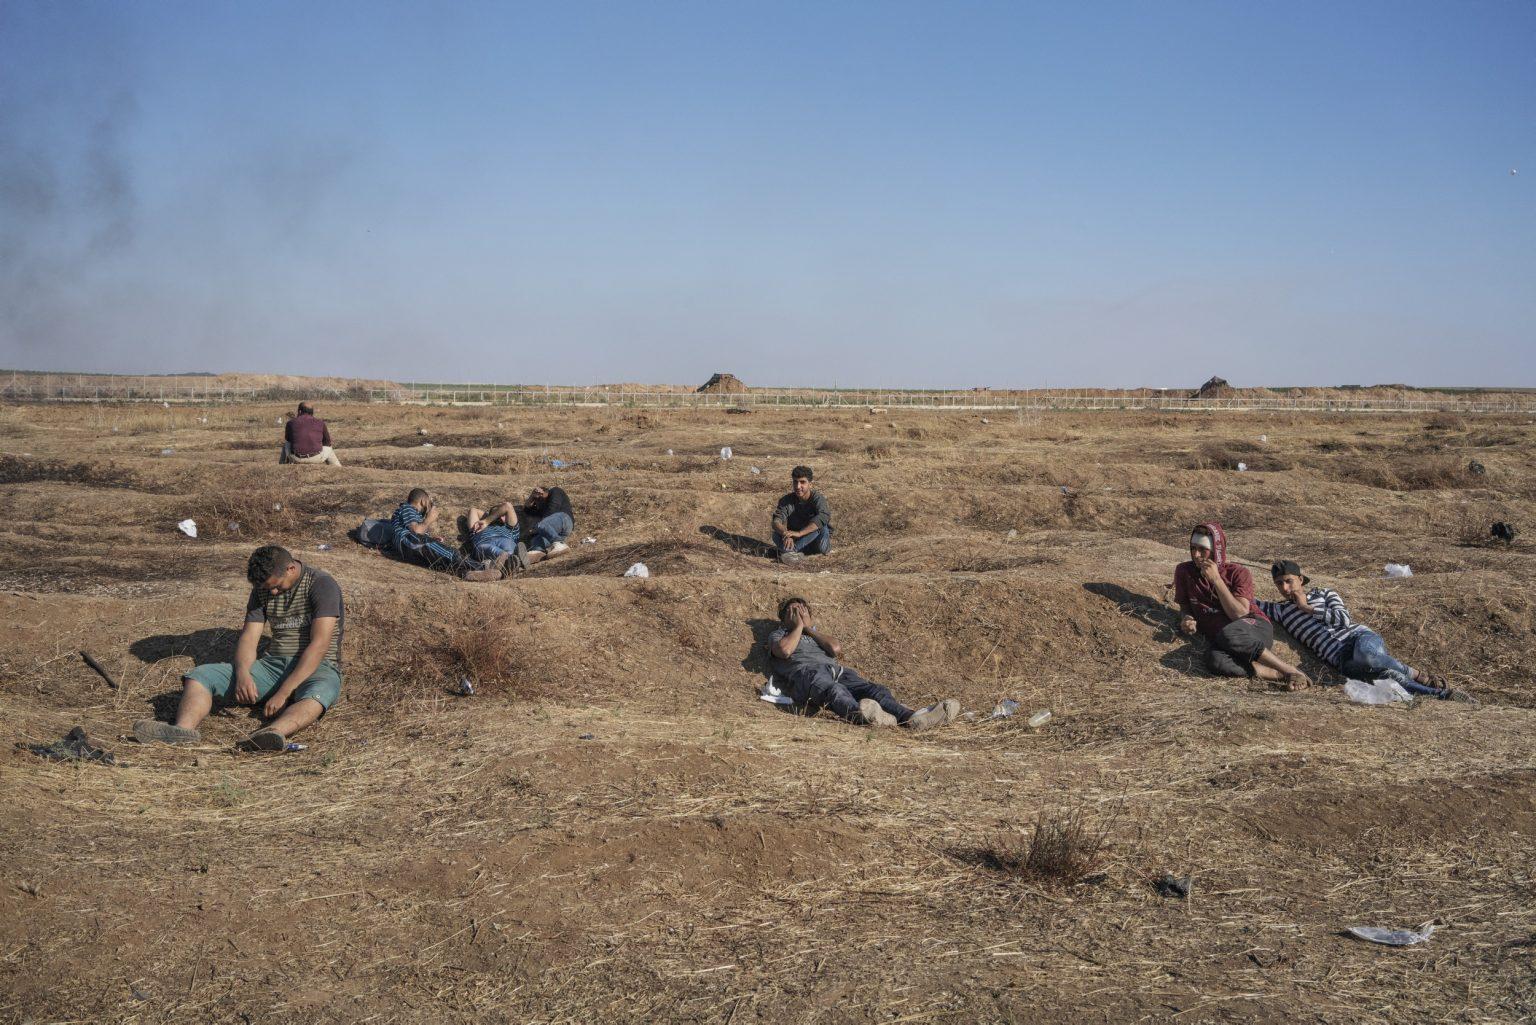 Gaza Strip, May 2018 - Palestinians sit along the Gaza-Israel border as smoke wafts in the distance. >< Striscia di Gaza, maggio 2018 - Palestinesi appostati lungo il confine tra Gaza e Israele mentre il fumo si alza in lontananza.